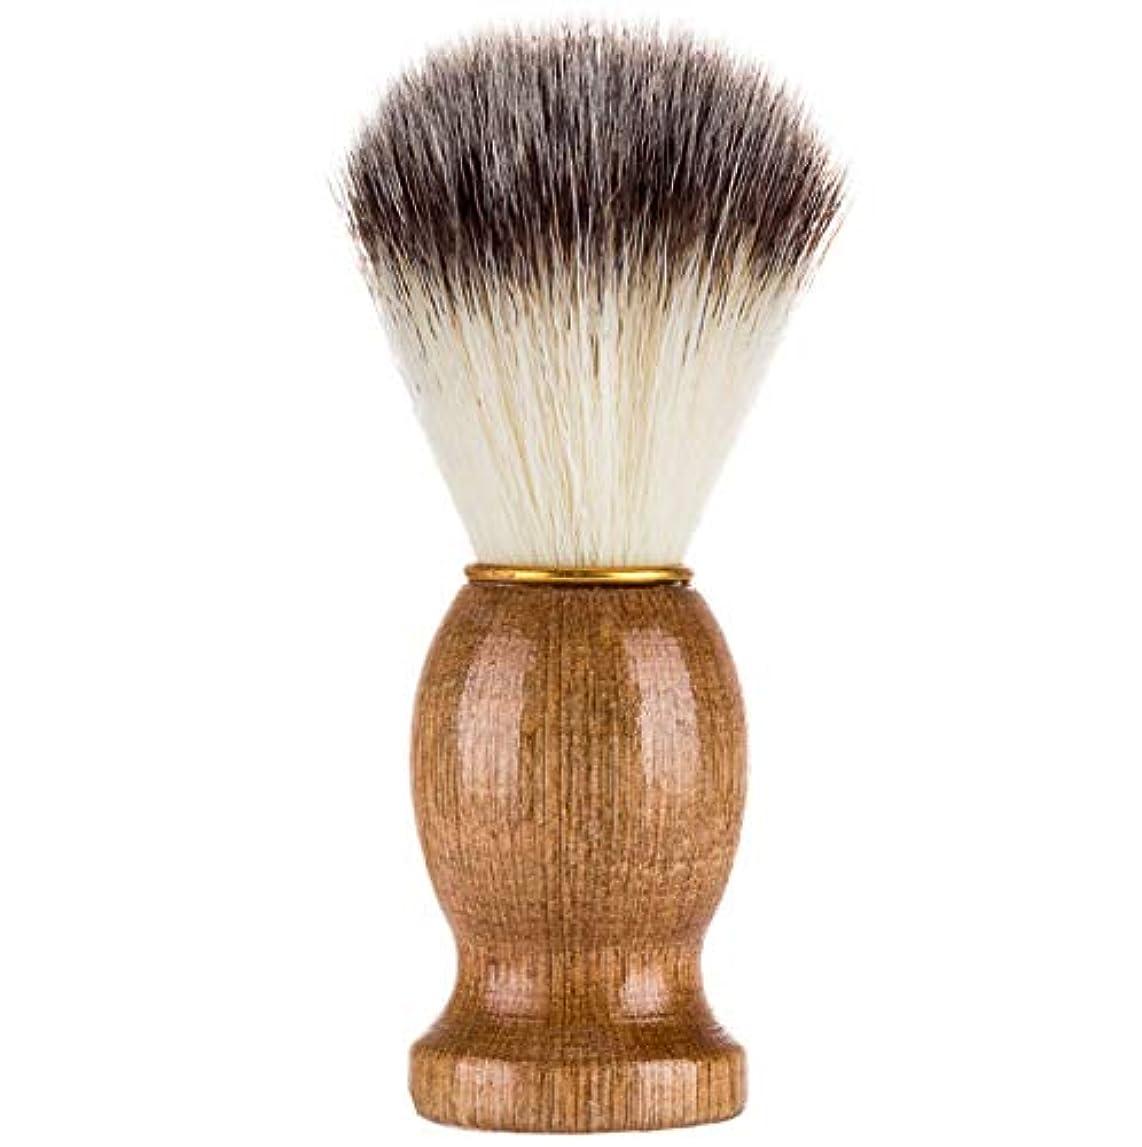 価格自伝クライアントソフトヘアメイクブラシメンズシェービングブラシ品質剛毛新しいポータブルハイエンドひげブラシ美容ツール